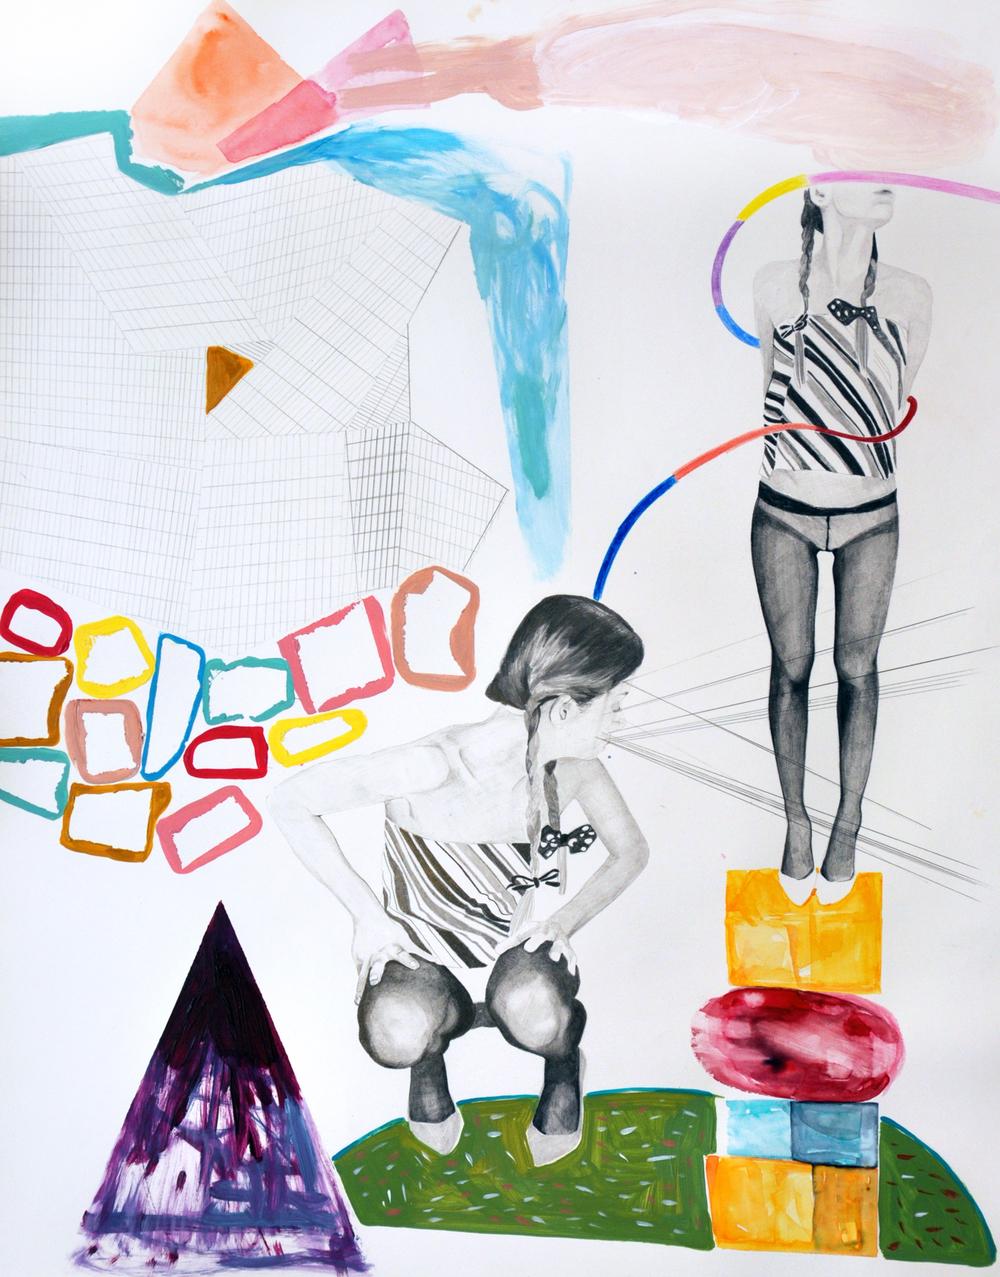 Landscape#9 matita, matite colorate e acrilico su carta, cm 40x50, 2015